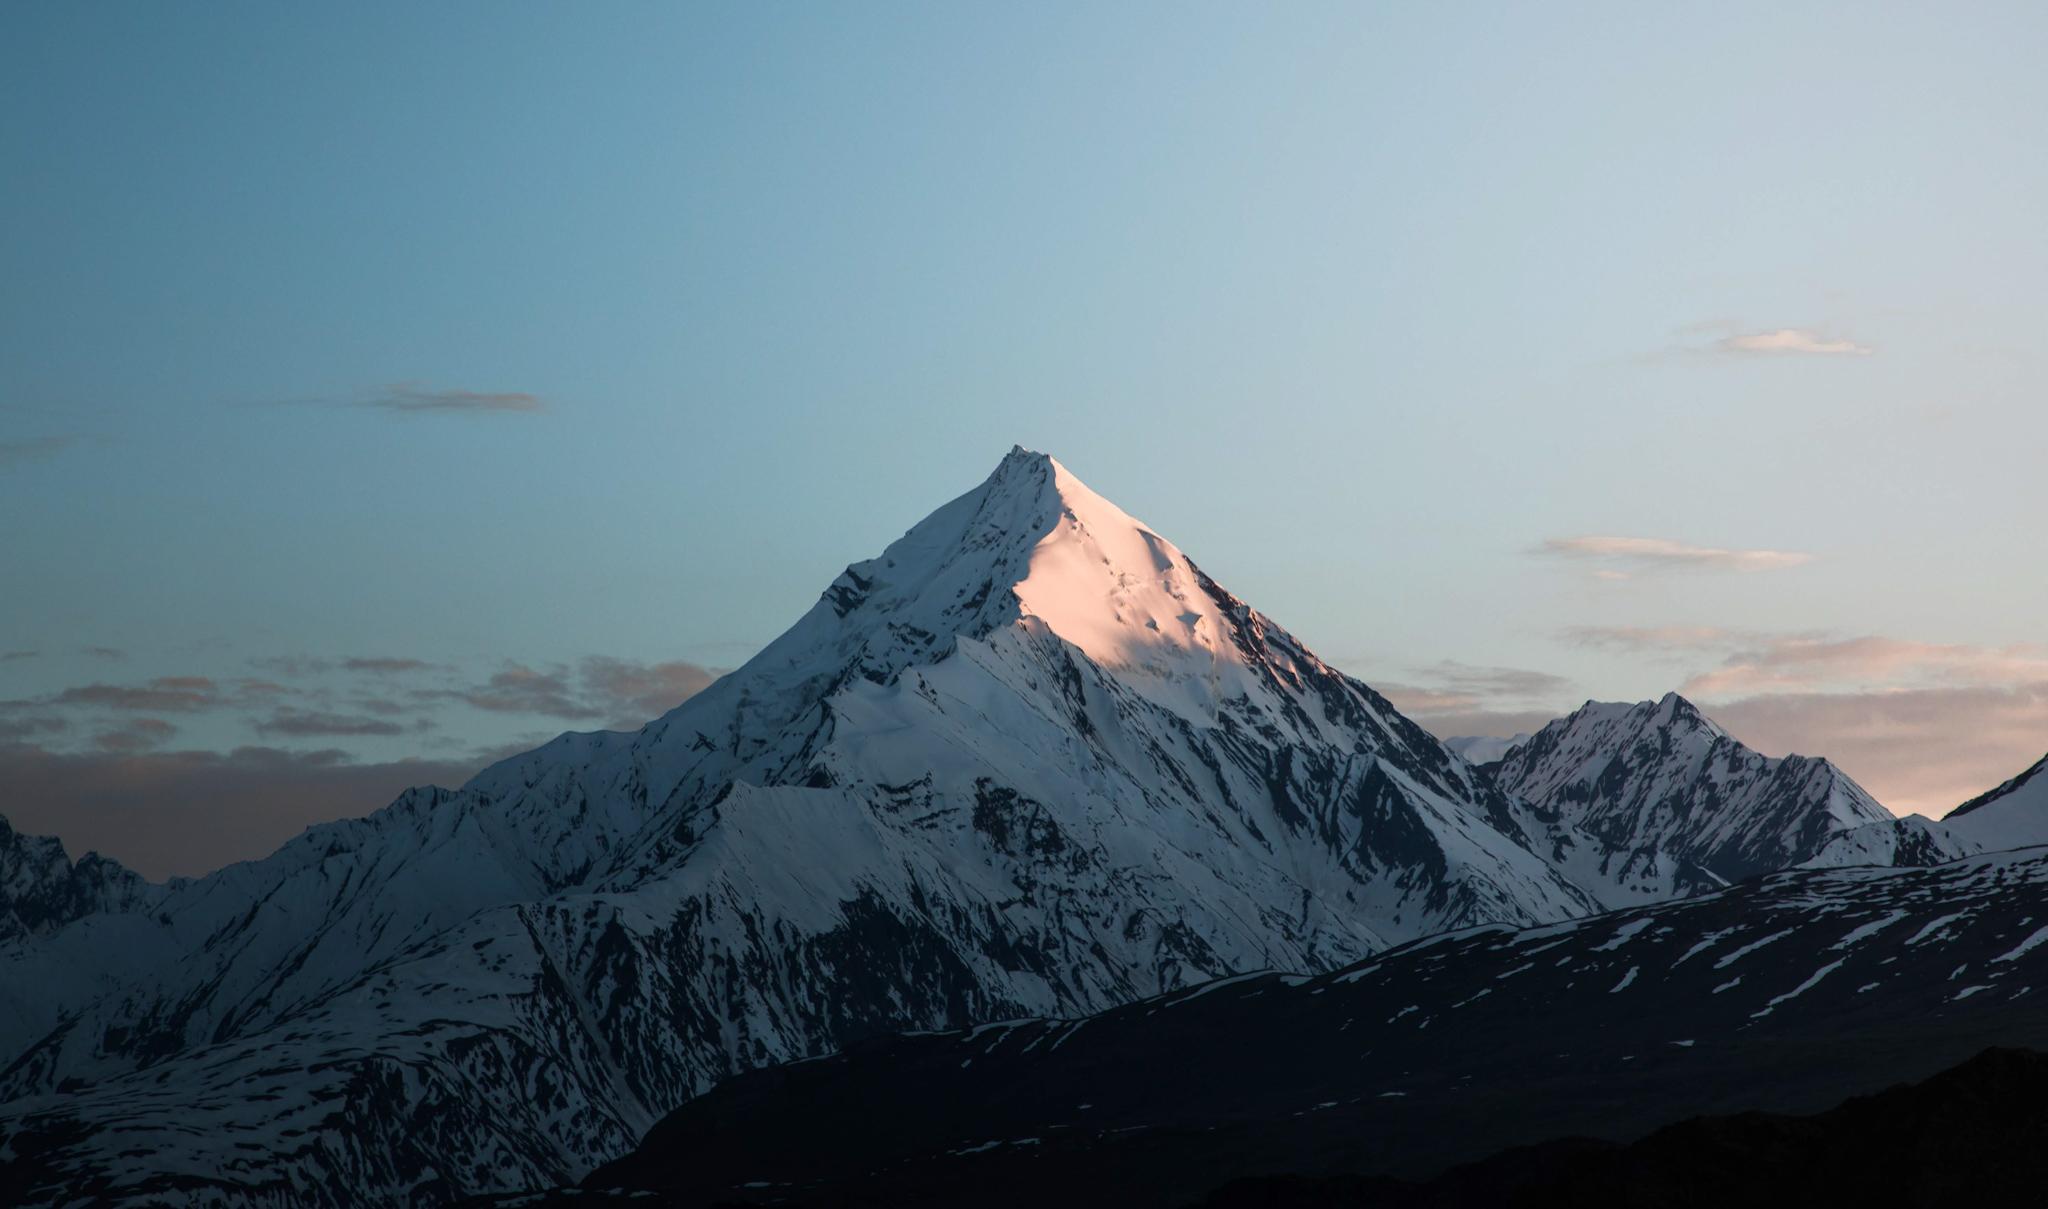 sun rays on snowy peaks